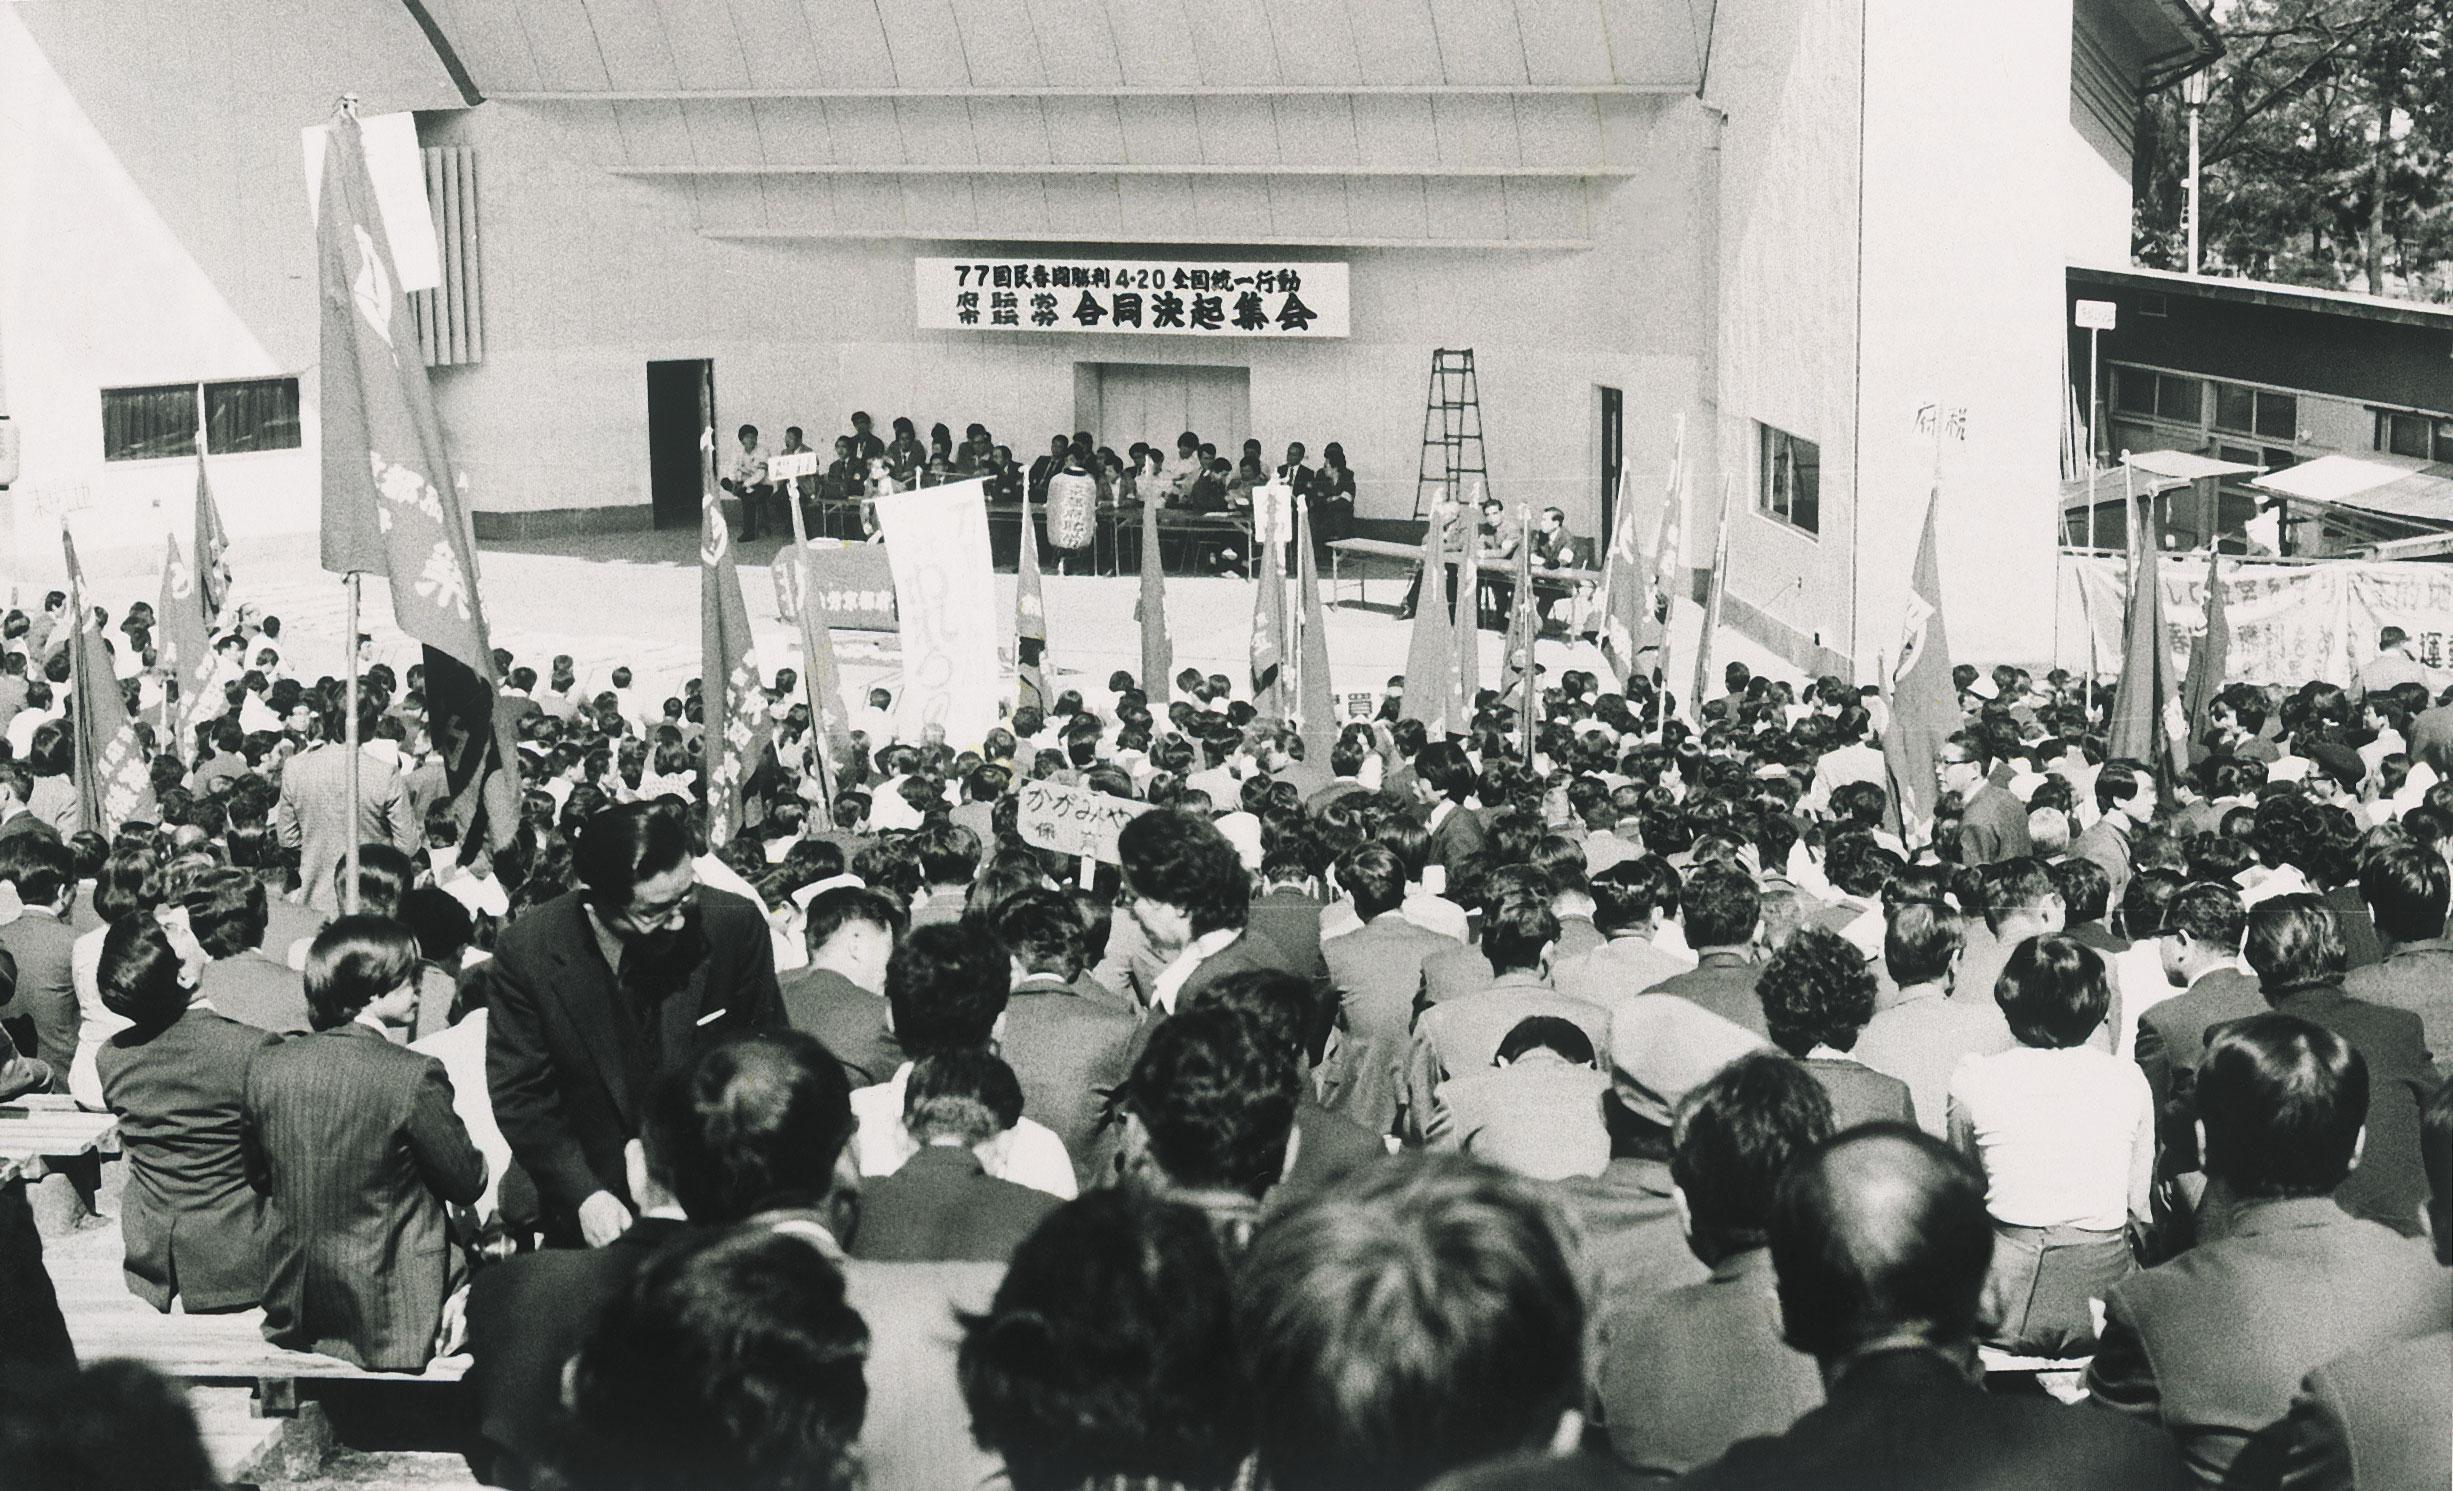 77国民春闘勝利4・20全国統一行動